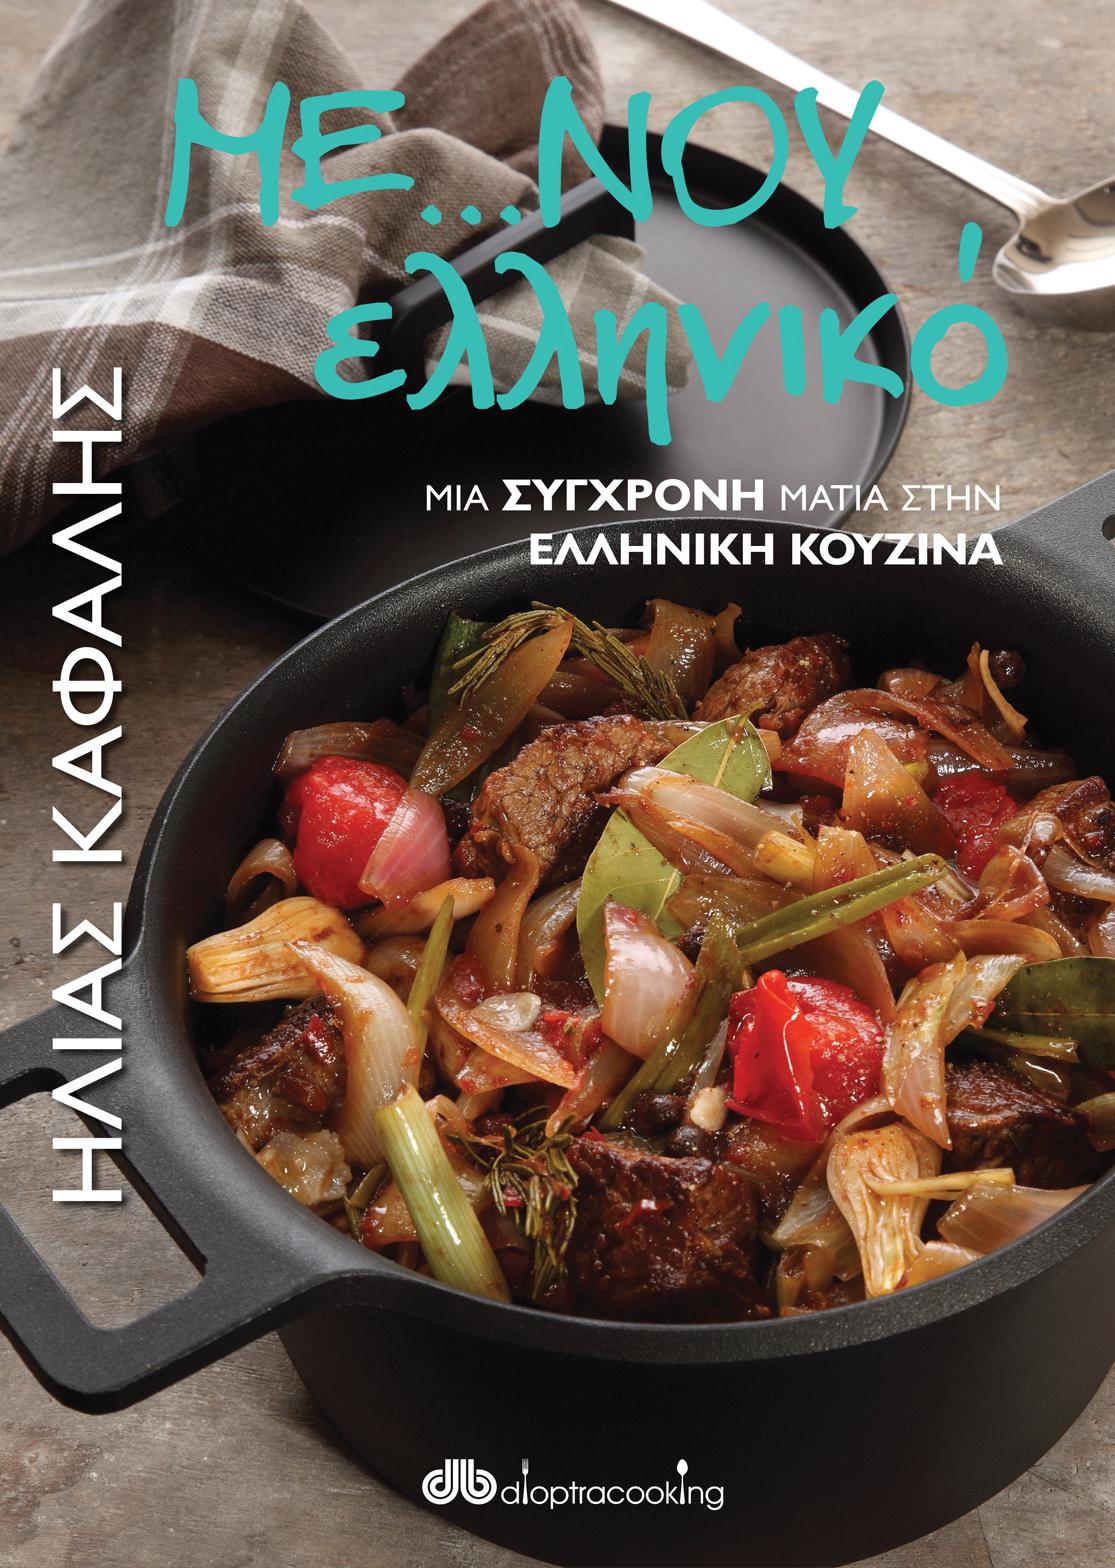 Με... Νου ελληνικό μαγειρική